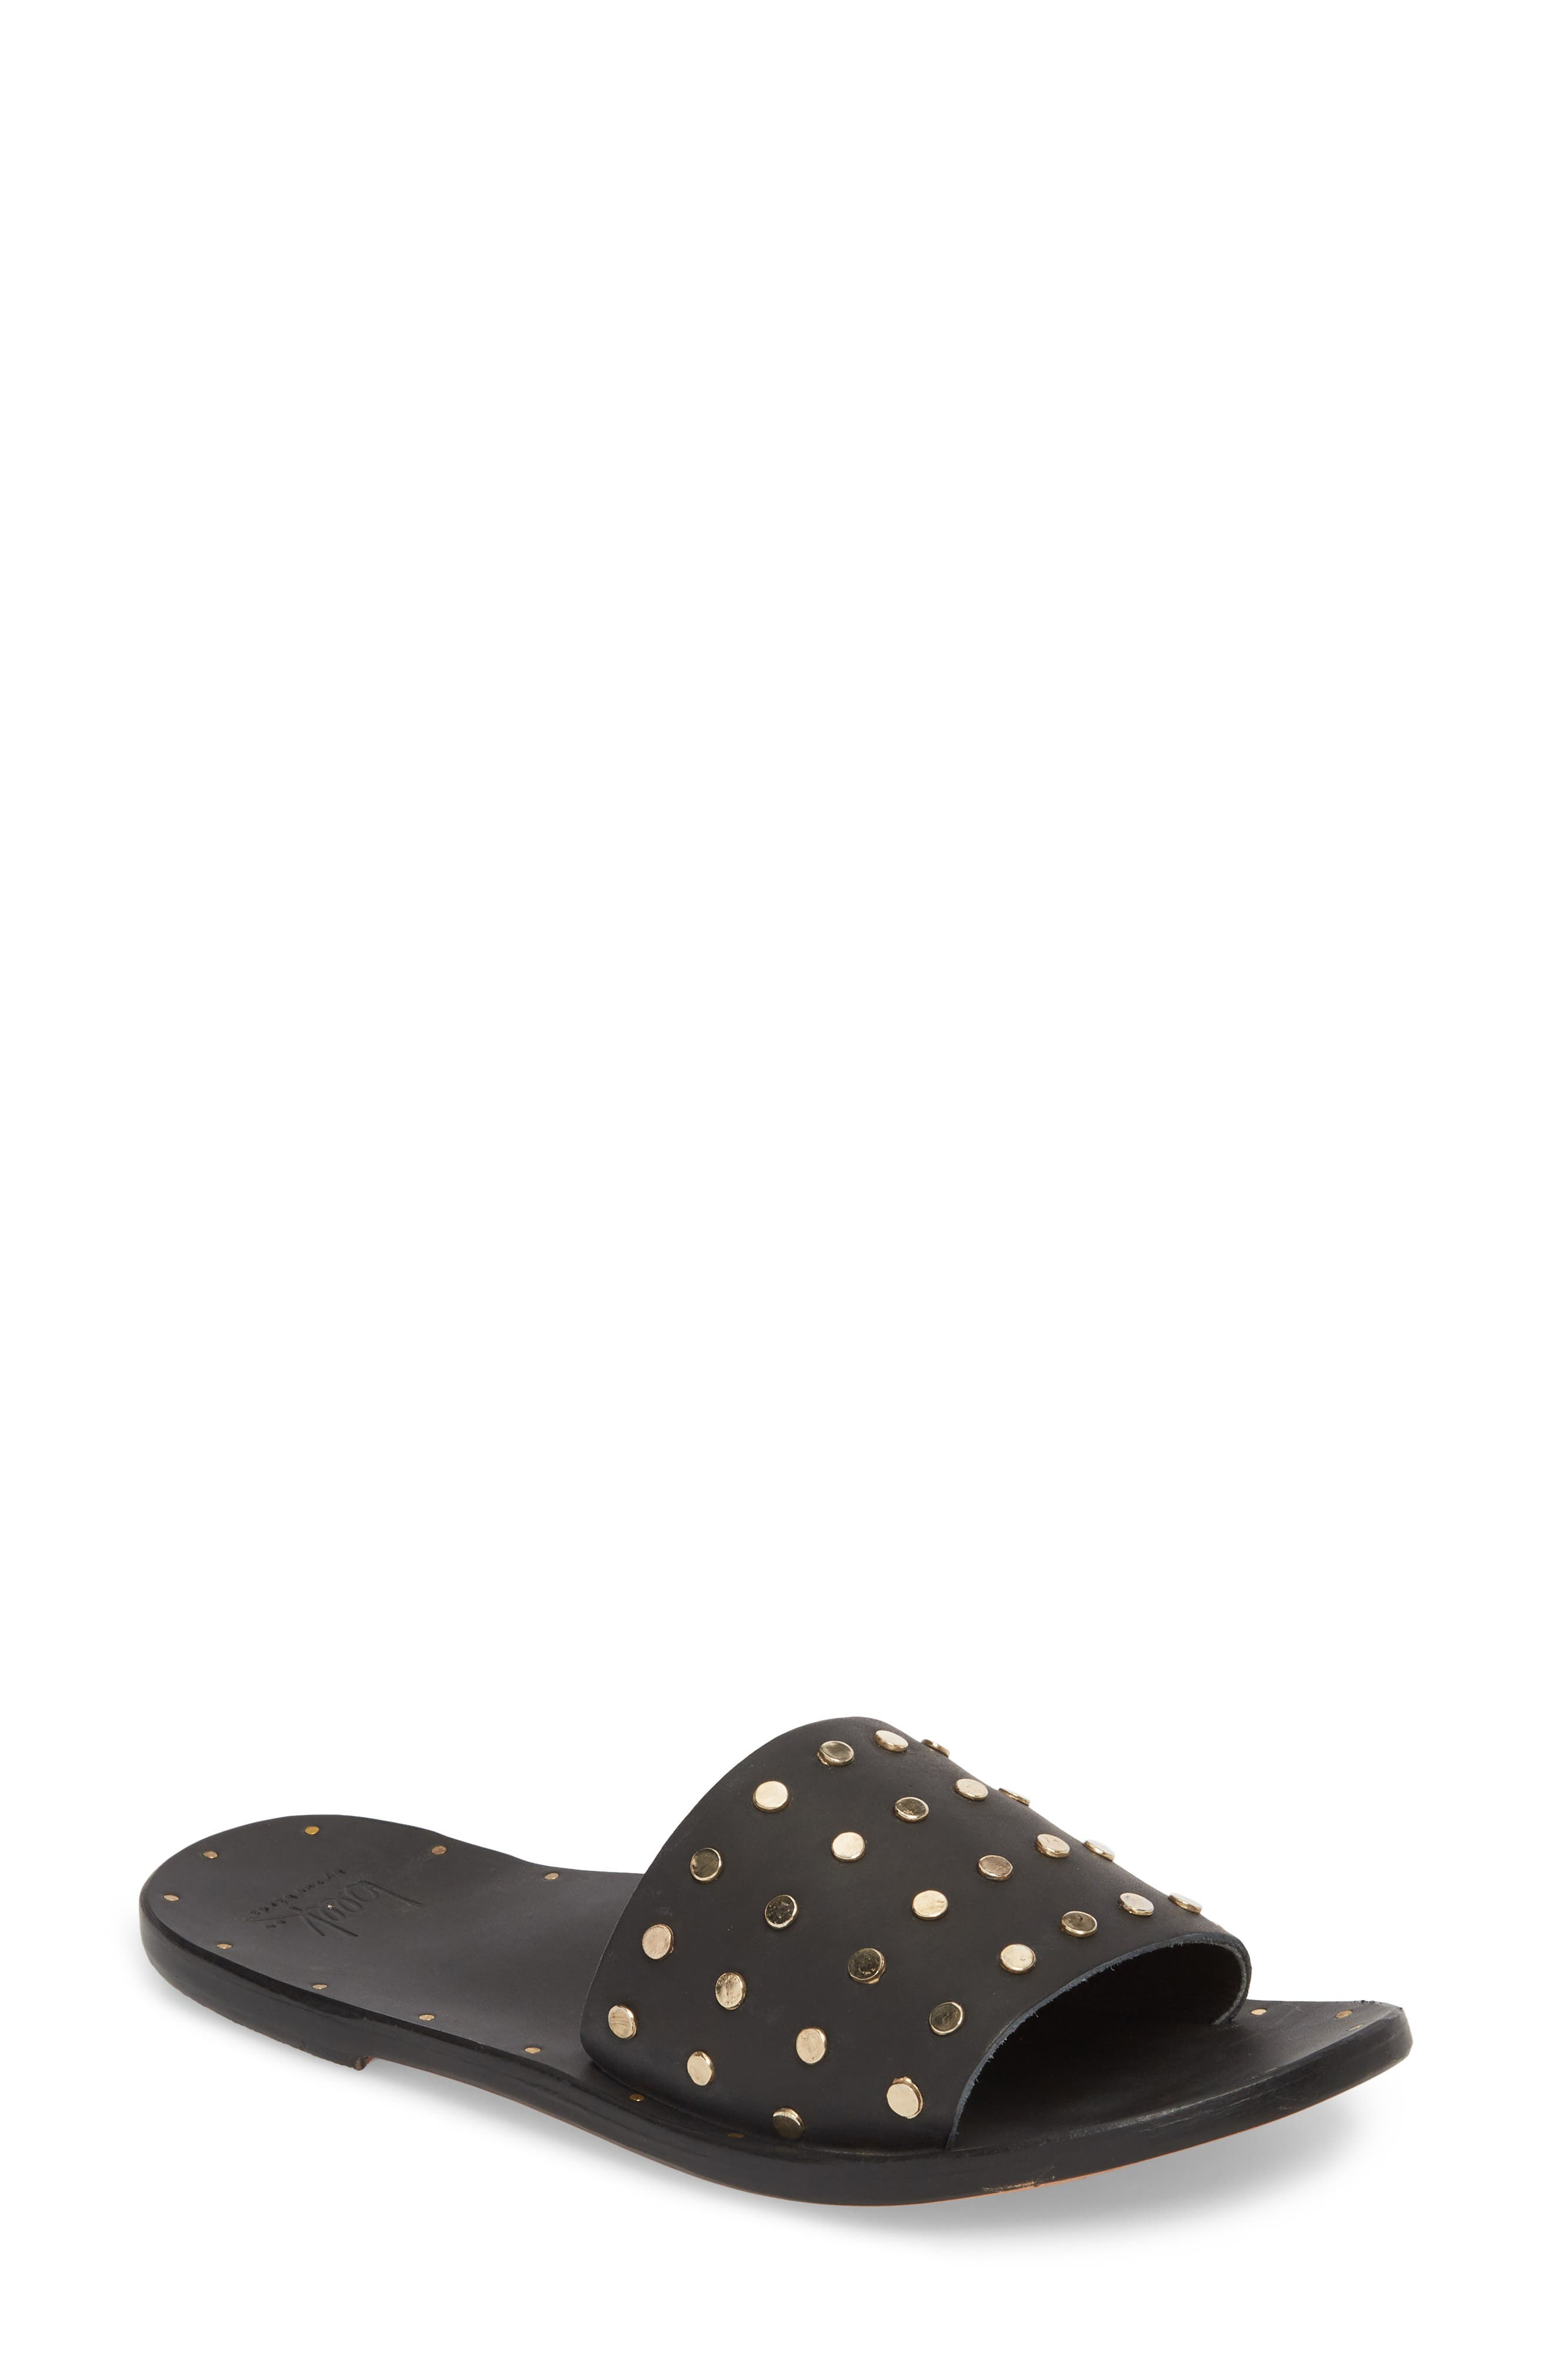 Lovebird Studded Slide Sandal,                             Main thumbnail 1, color,                             Black/ Black